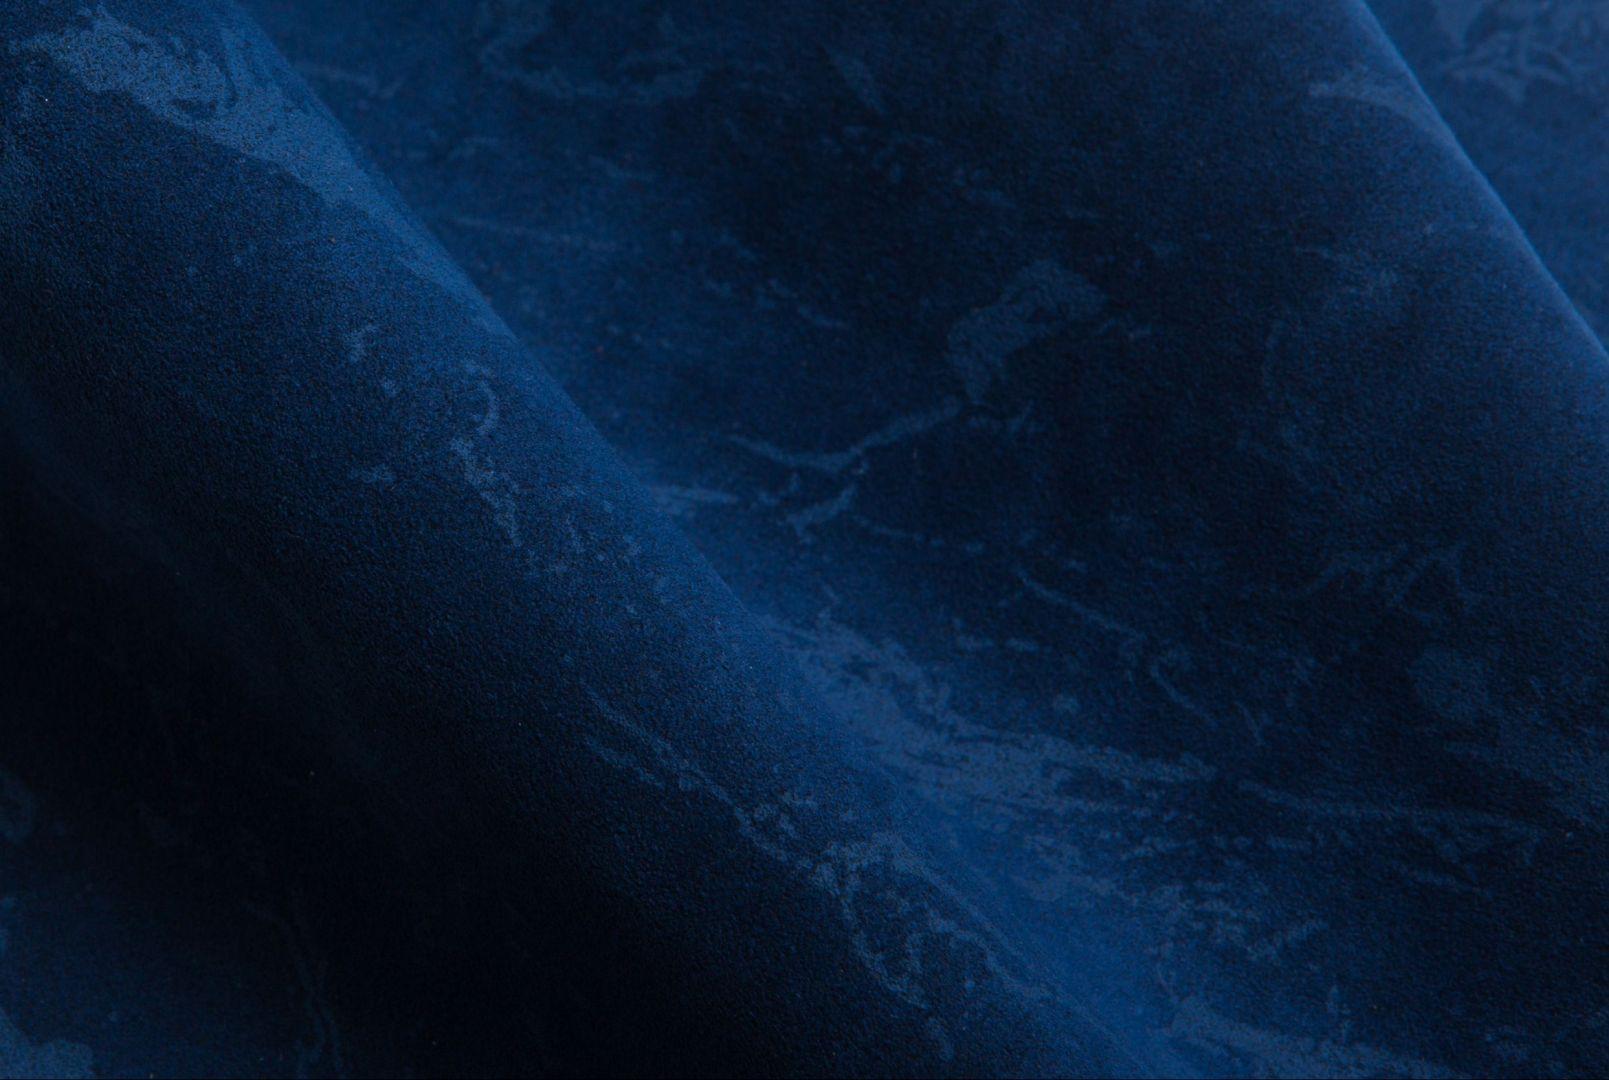 Tkanina marki Alcantara z efektem głębi, który uzyskano za pomocą trójwymiarowego zadruku. Fot. Alcantara